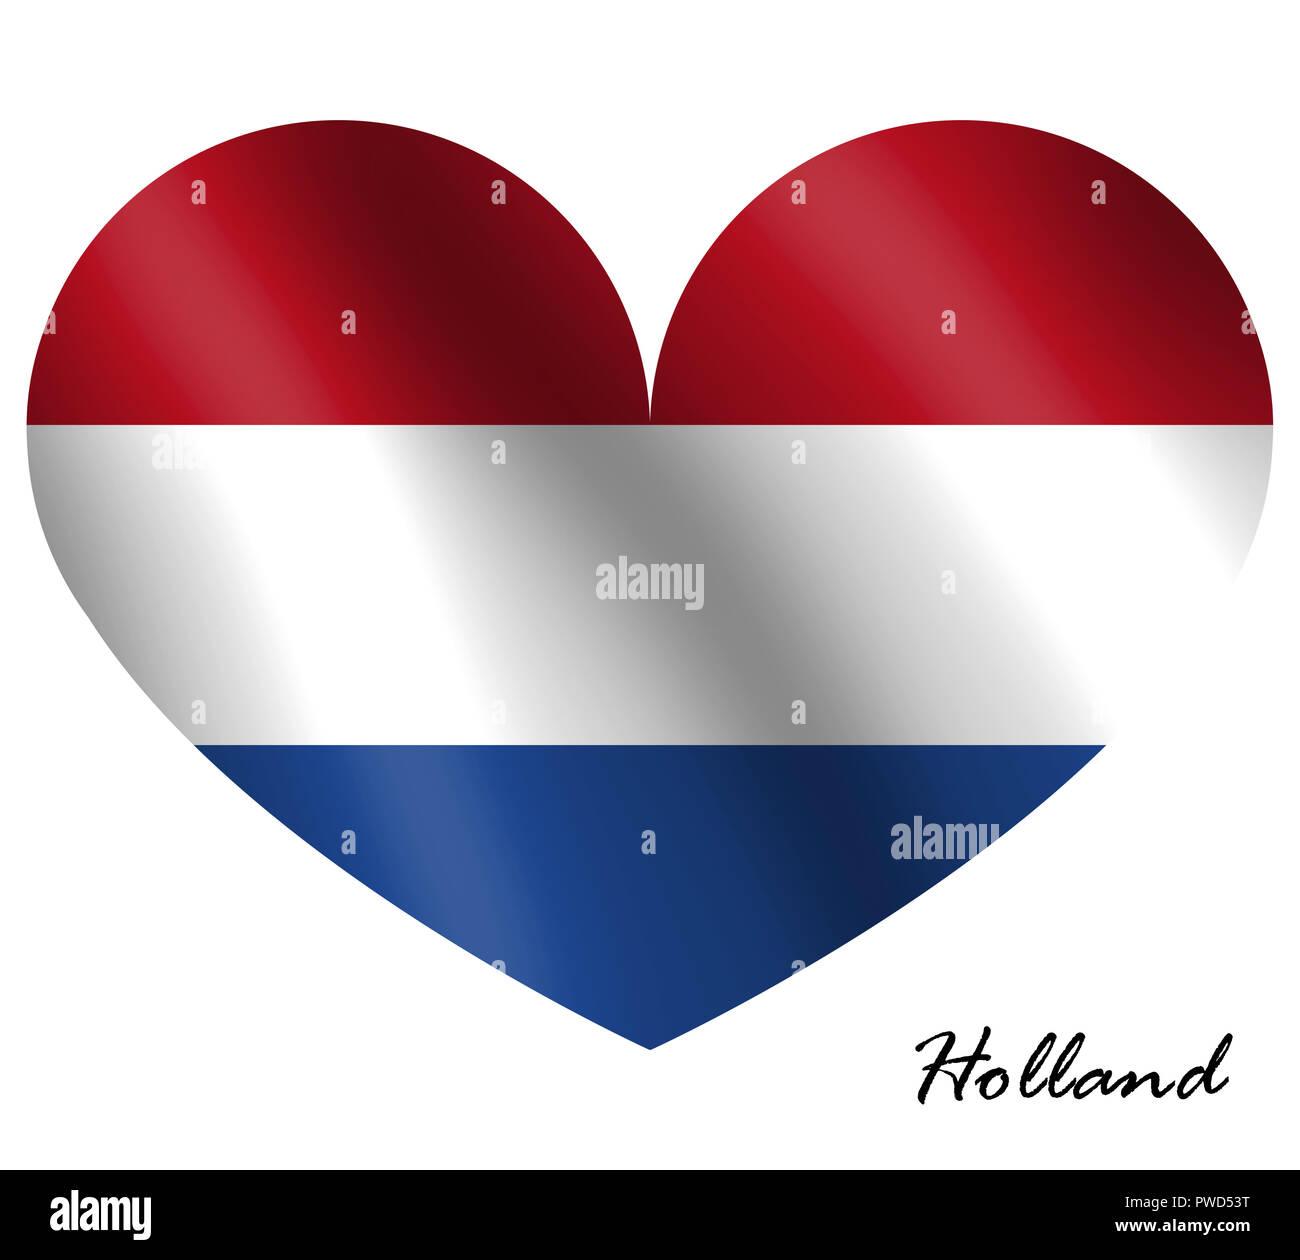 Bandiera Olandese In Forma Di Cuore Illustrazione Olanda Bandiera